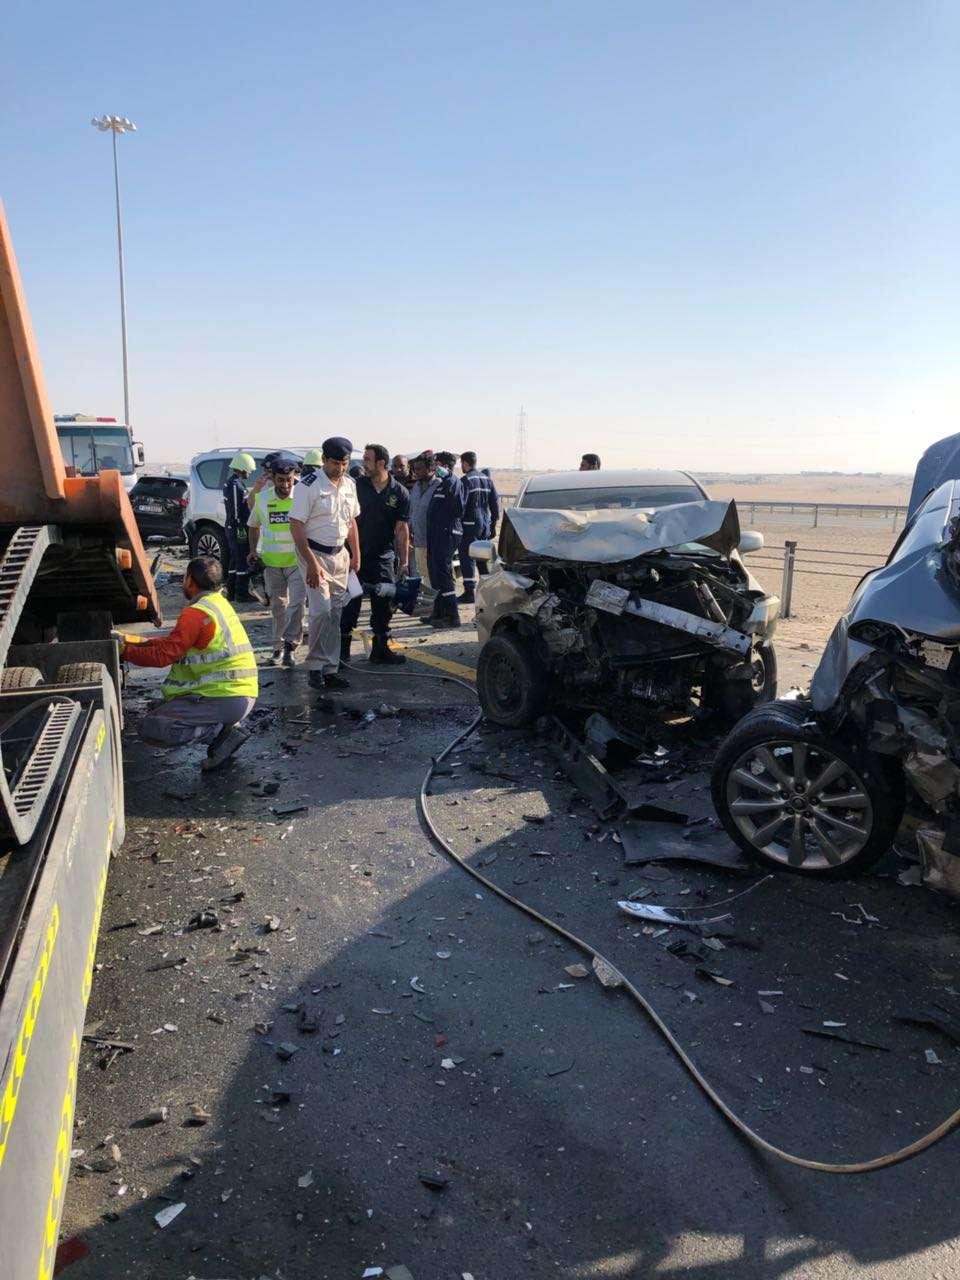 الضباب يتسبب بتصادم 44 مركبة على طريقأبوظبي دبي